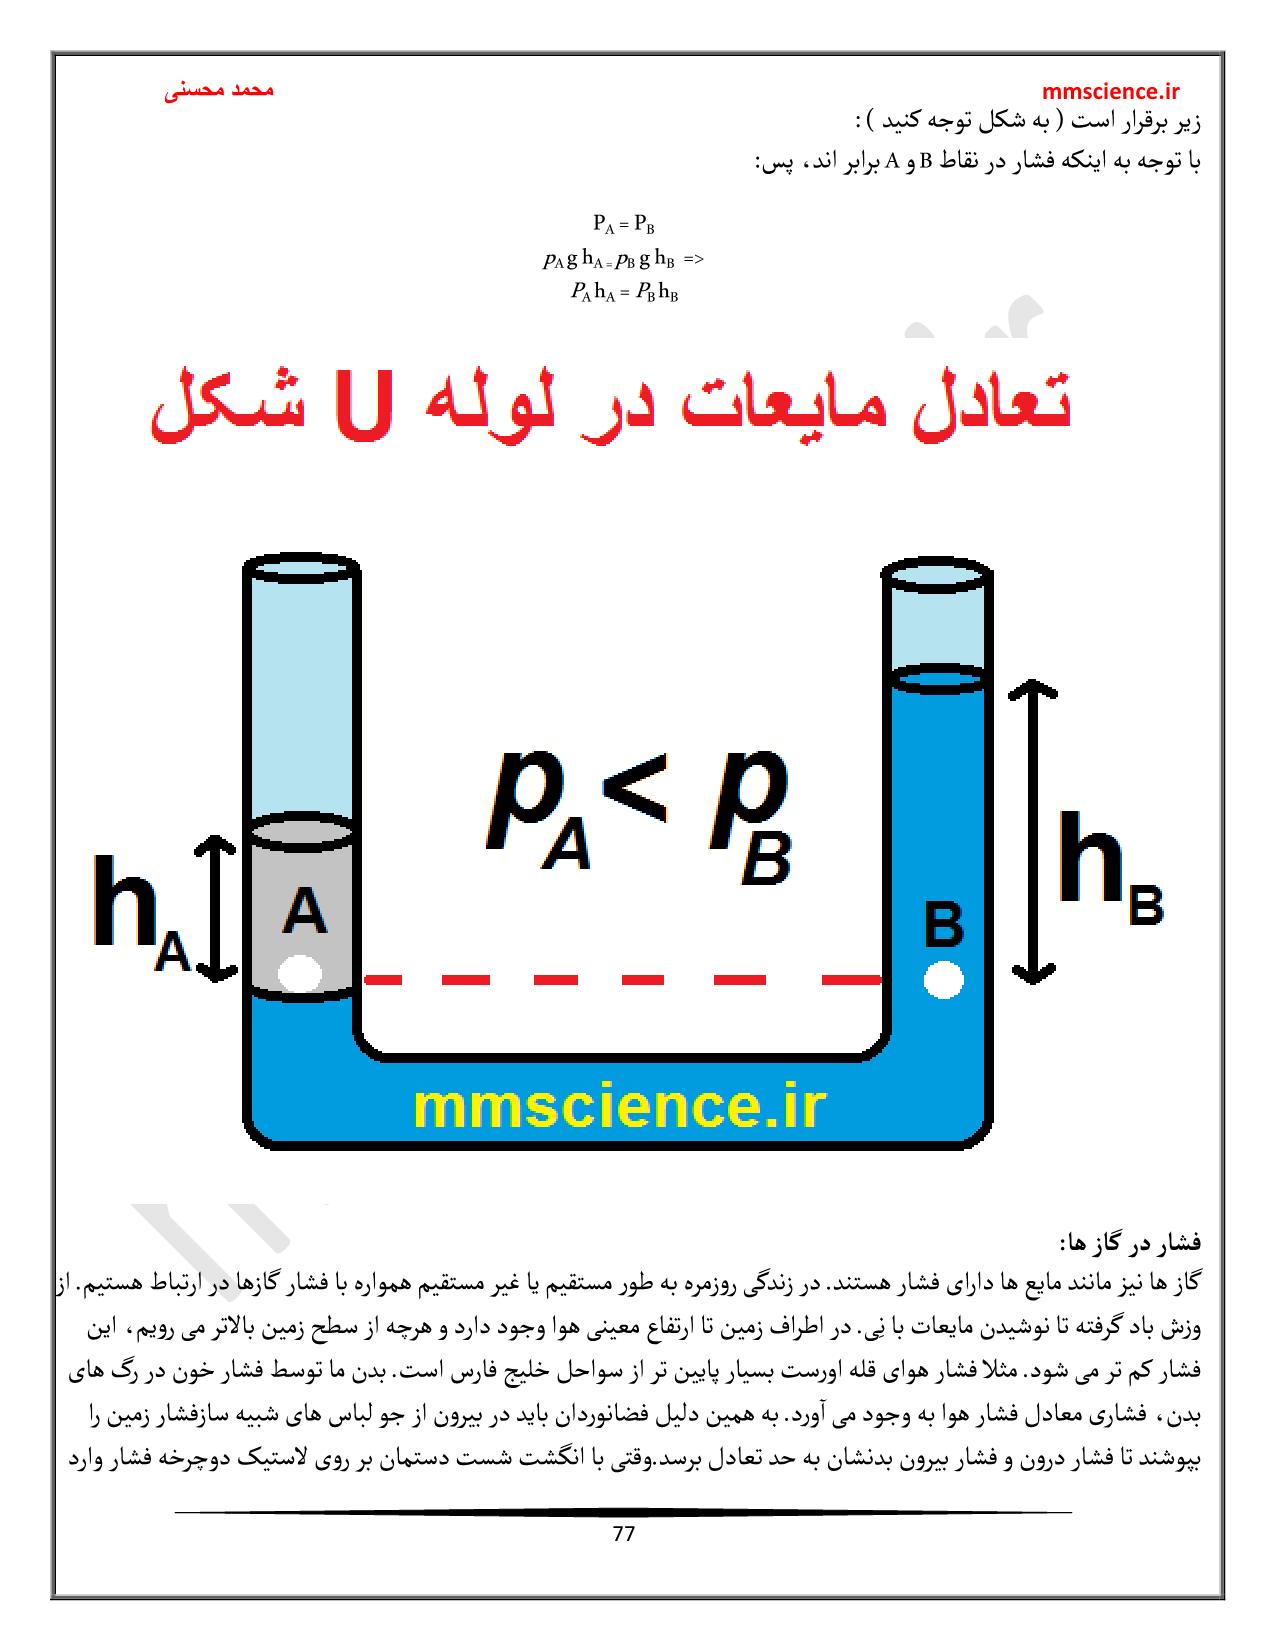 جزوه تیزهوشانی علوم نهم